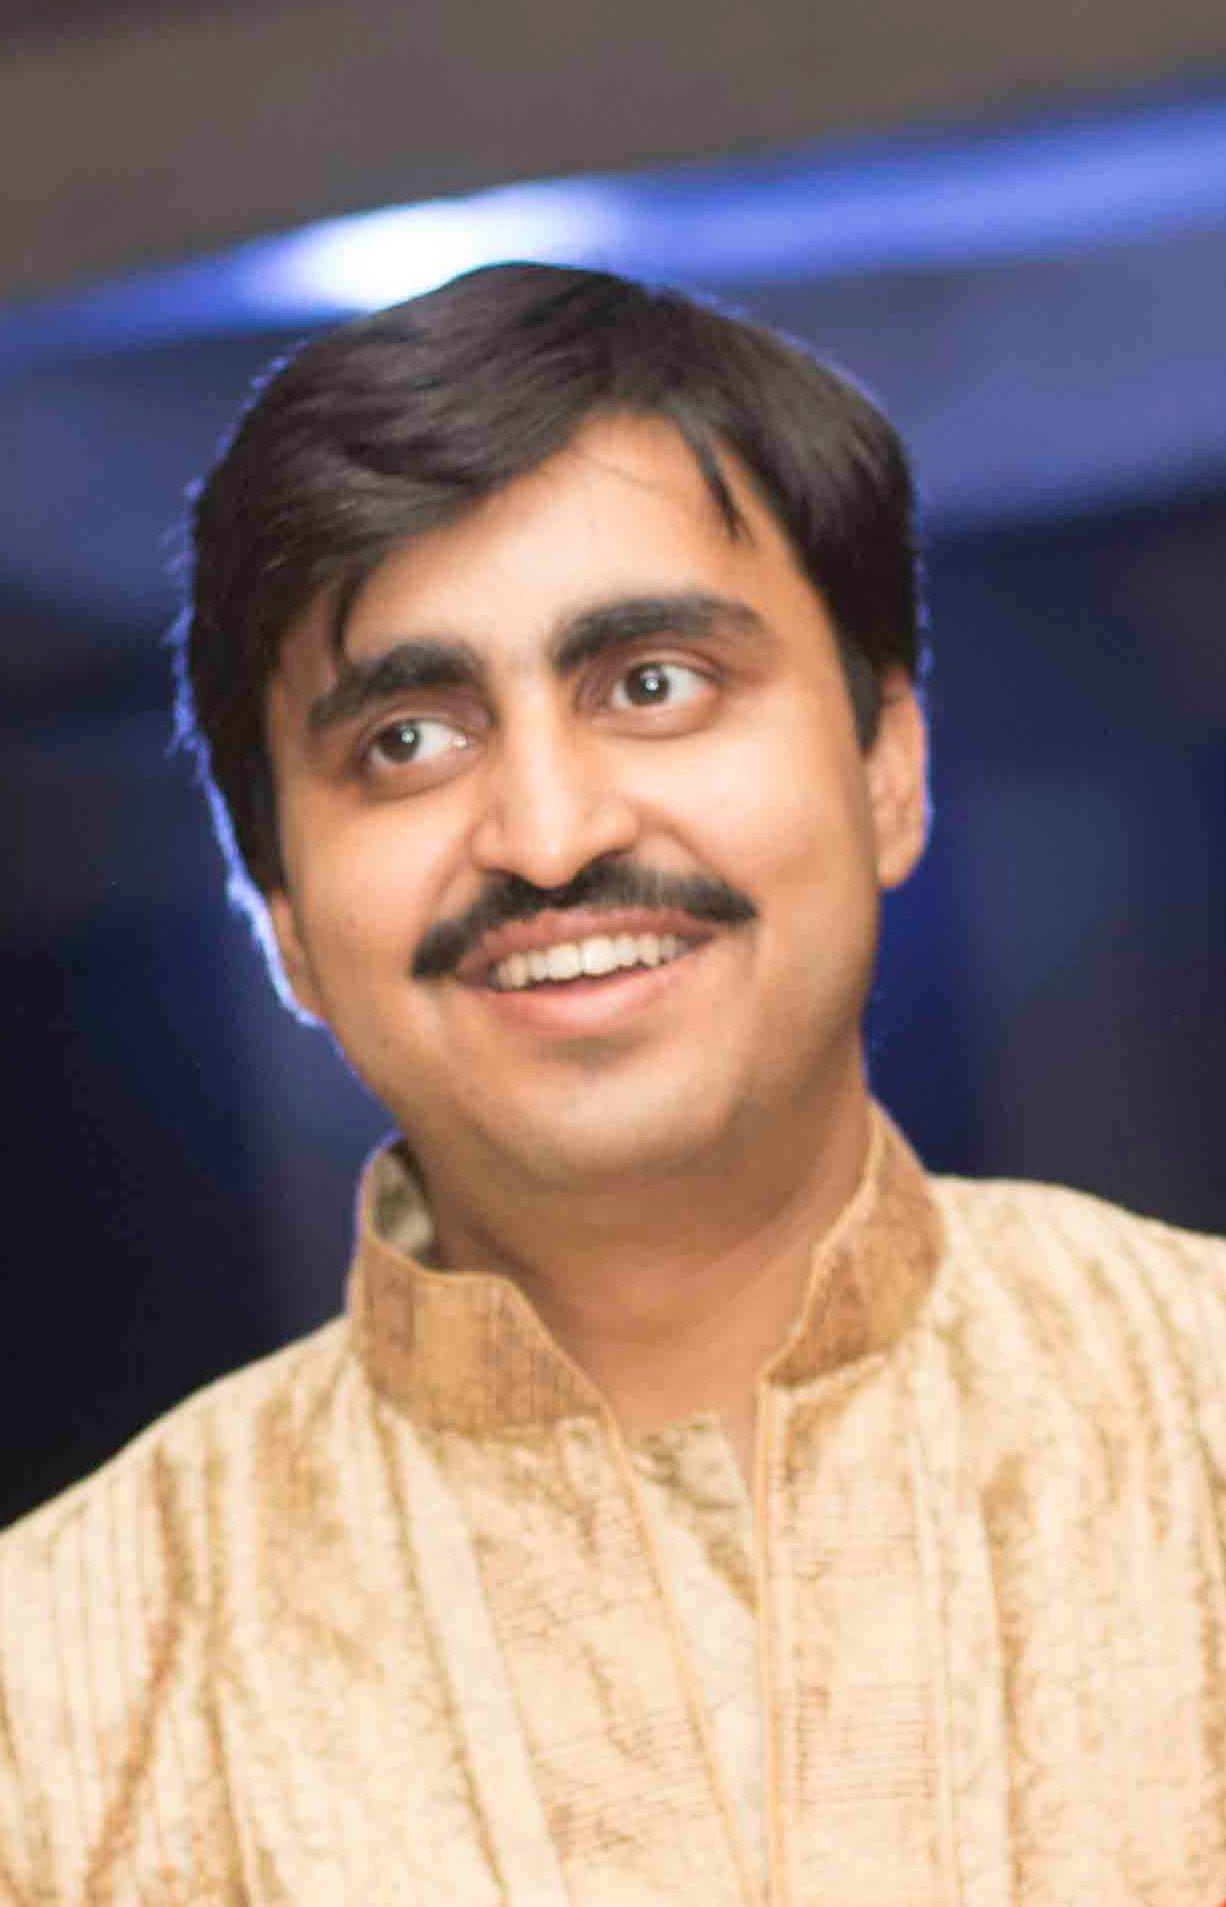 Photo of Malay Kumar Bandyopadhyay